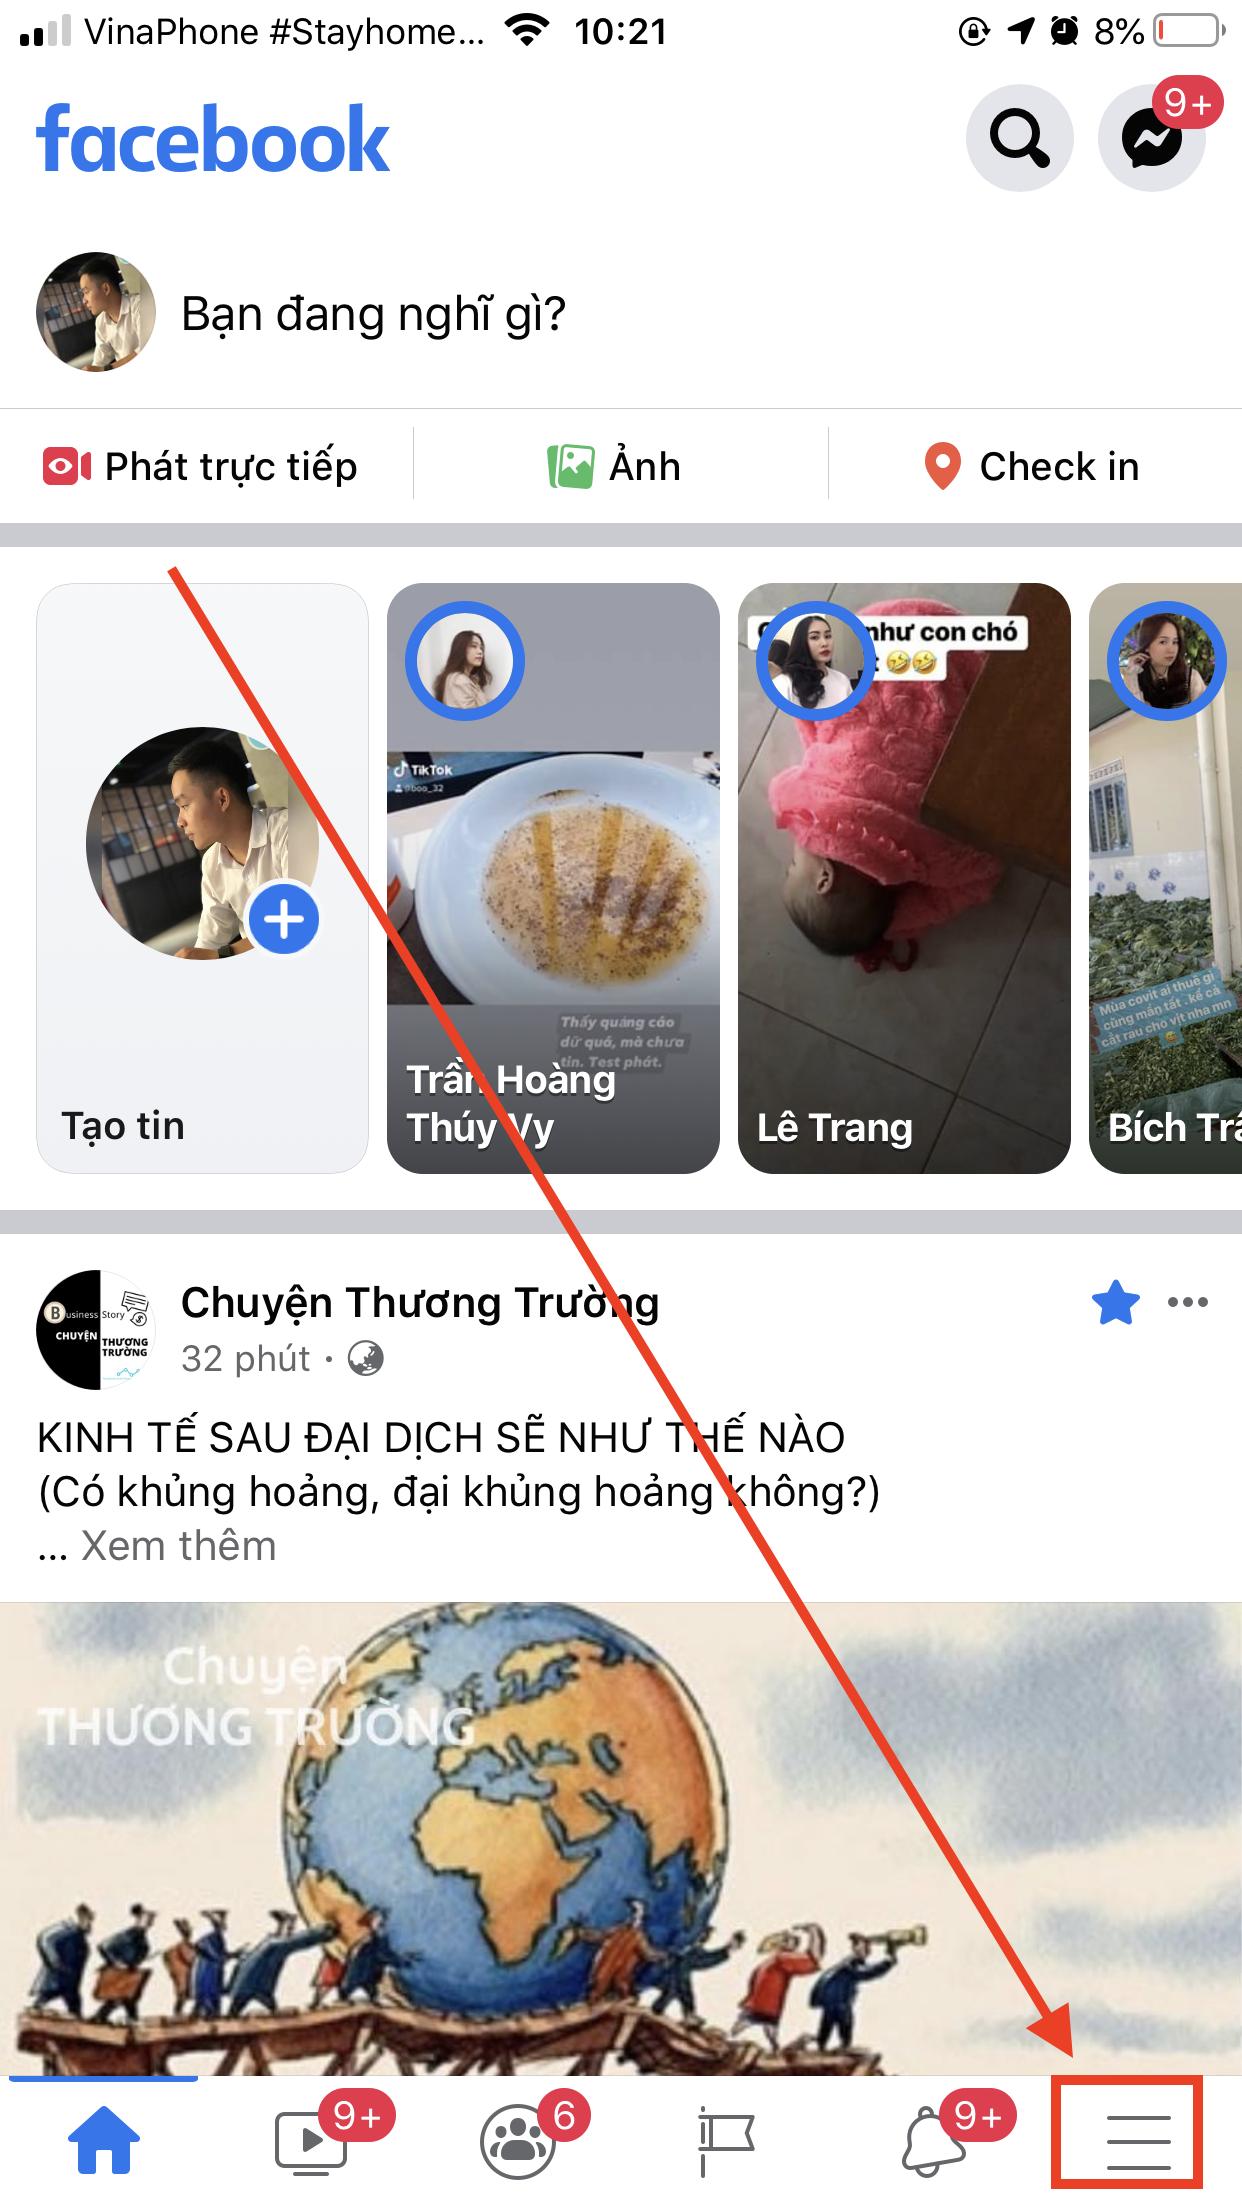 Hướng dẫn chi tiết cách đăng bài bán hàng ở Facebook Marketpalce trên điện thoại và máy tính 5